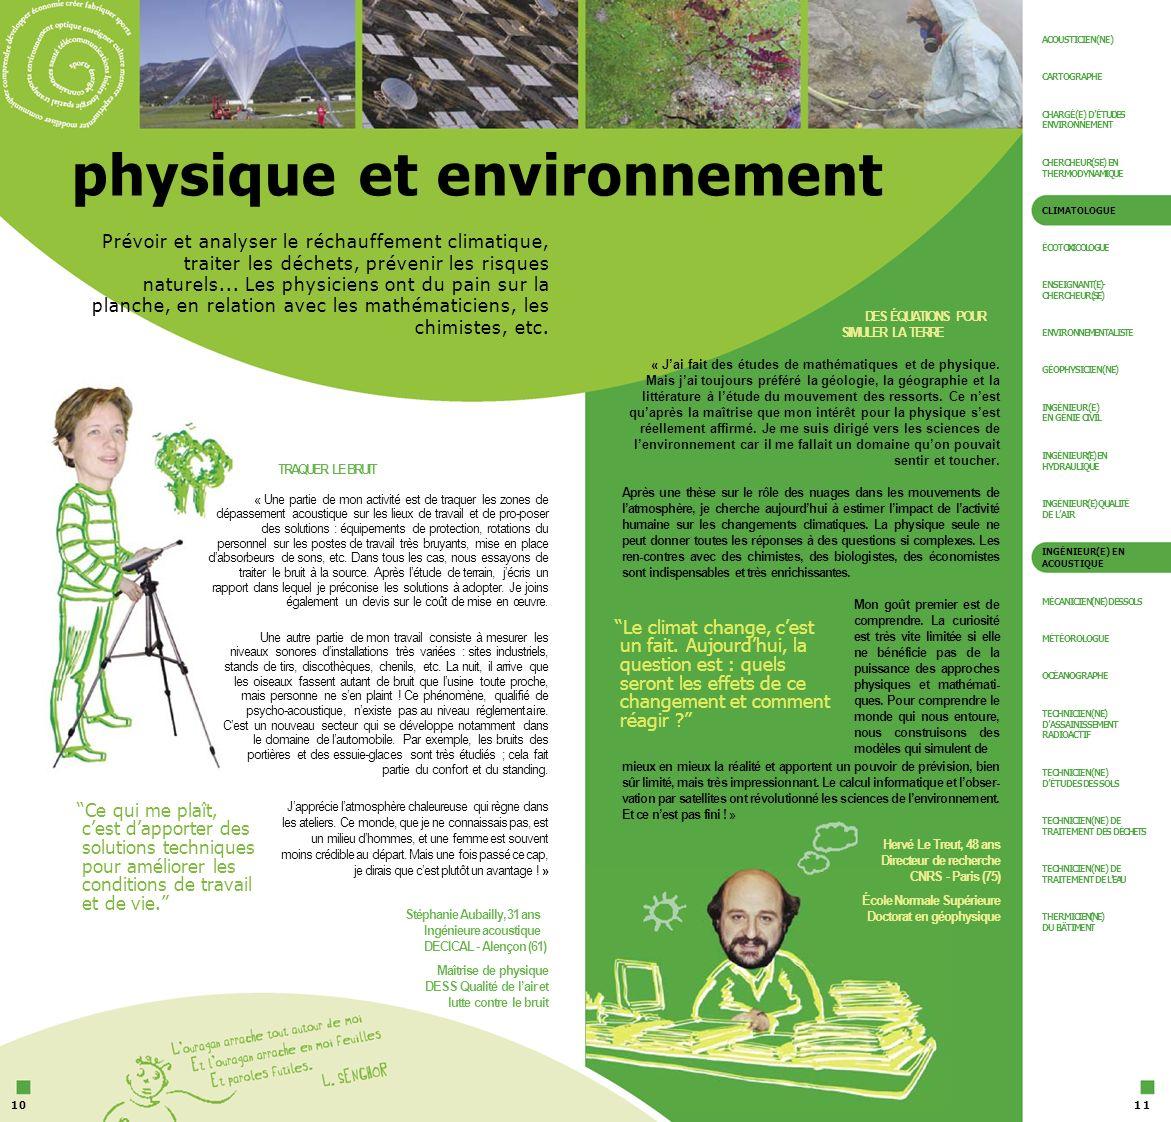 physique et environnement